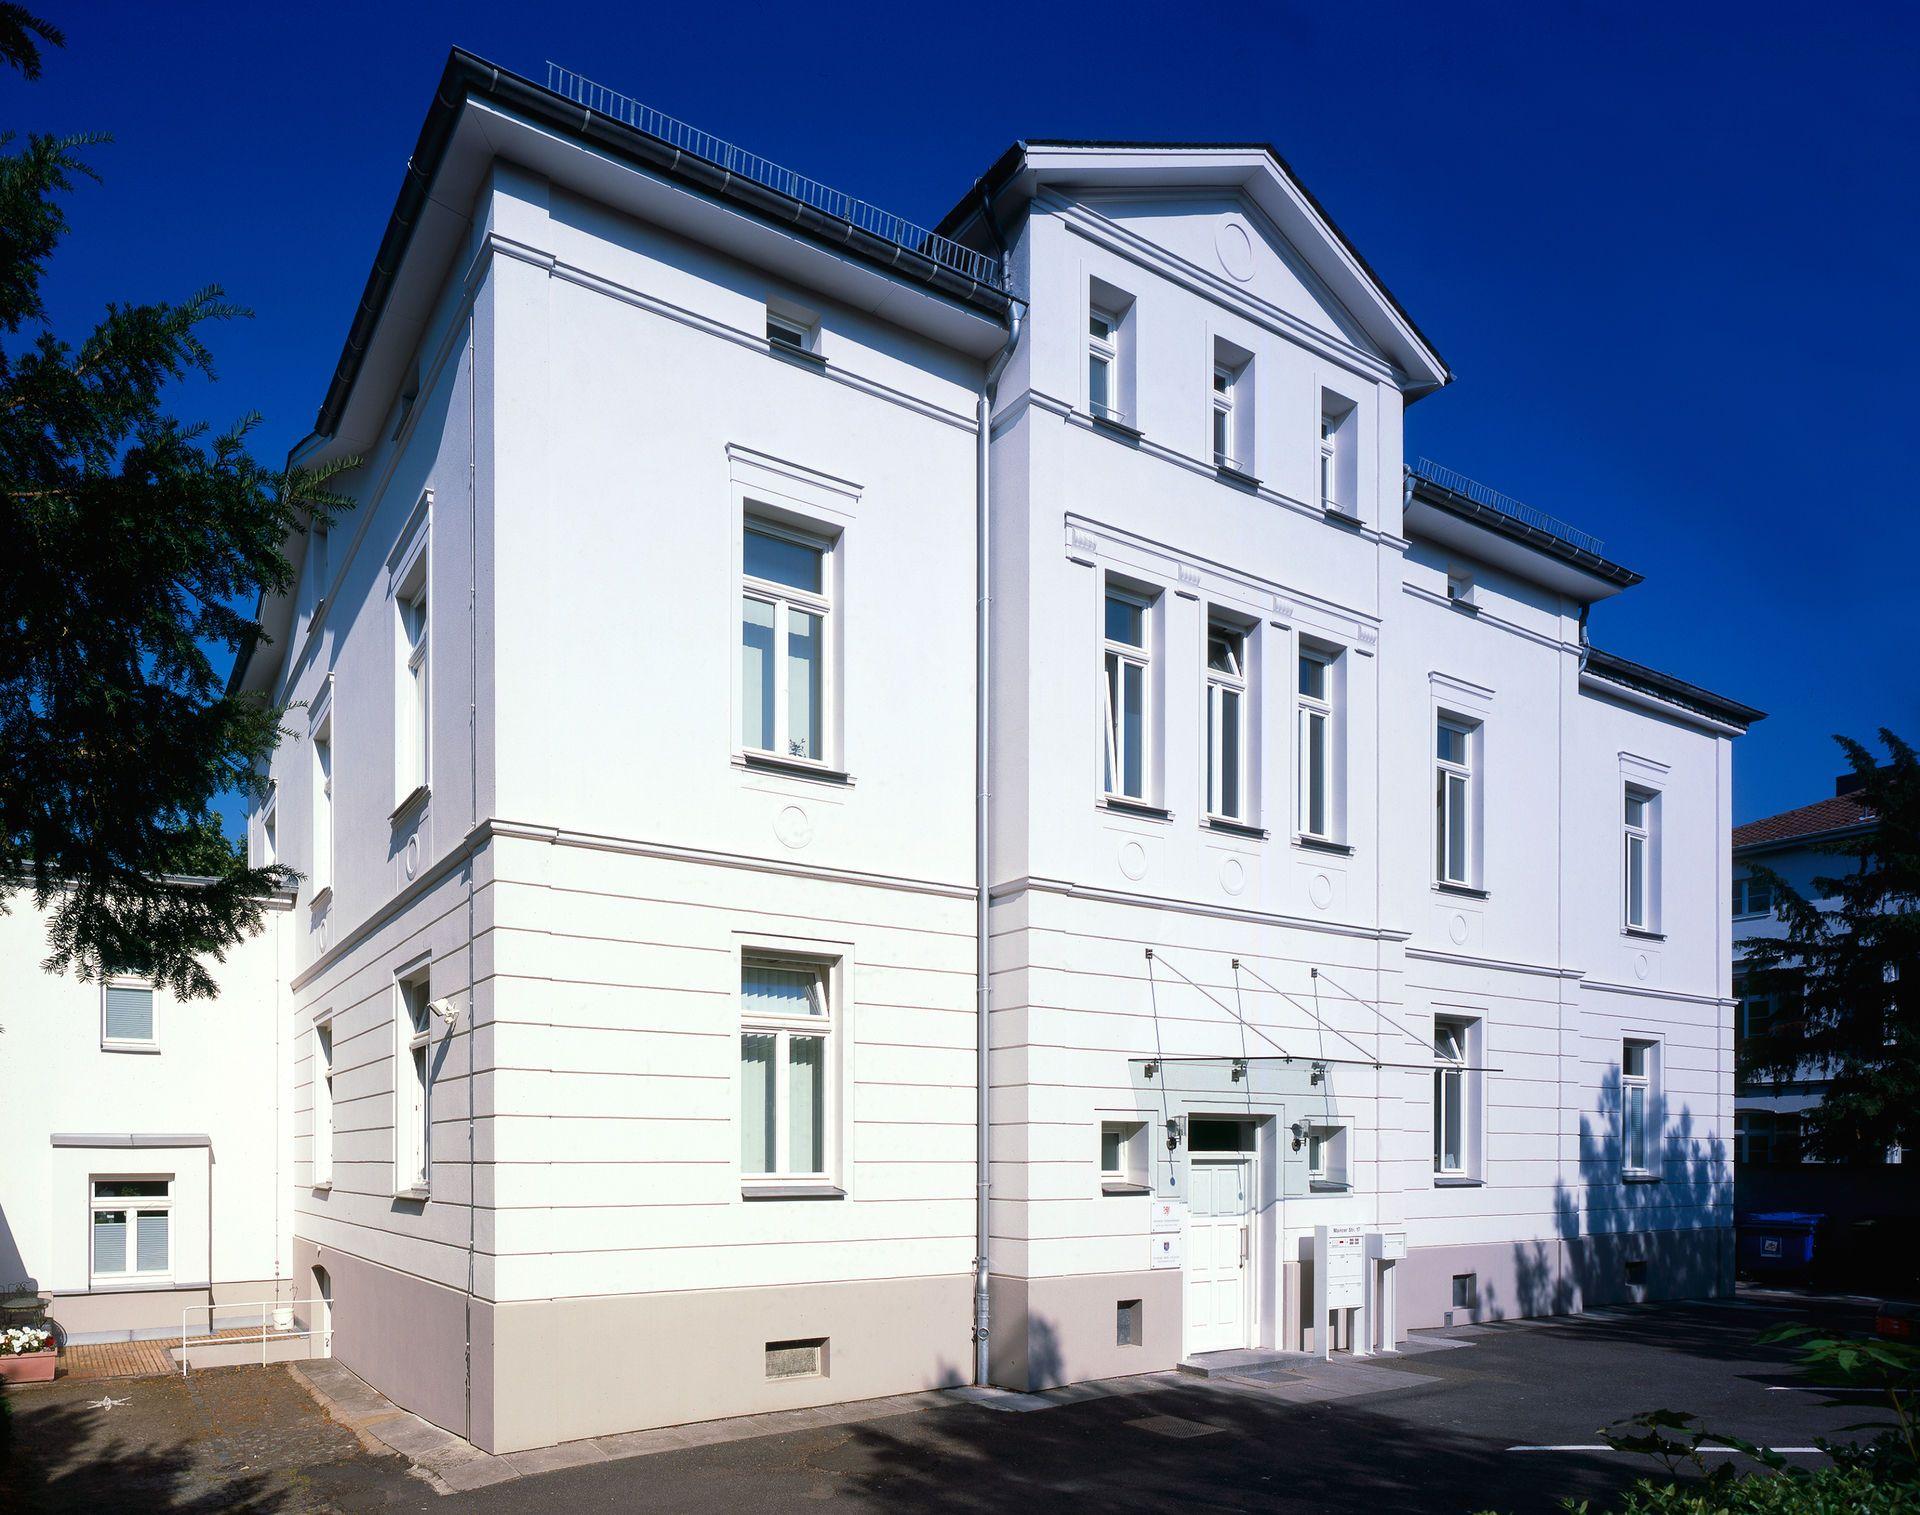 Gut bekannt Fassade streichen: Die richtige Farbe für Optik und Schutz JR97